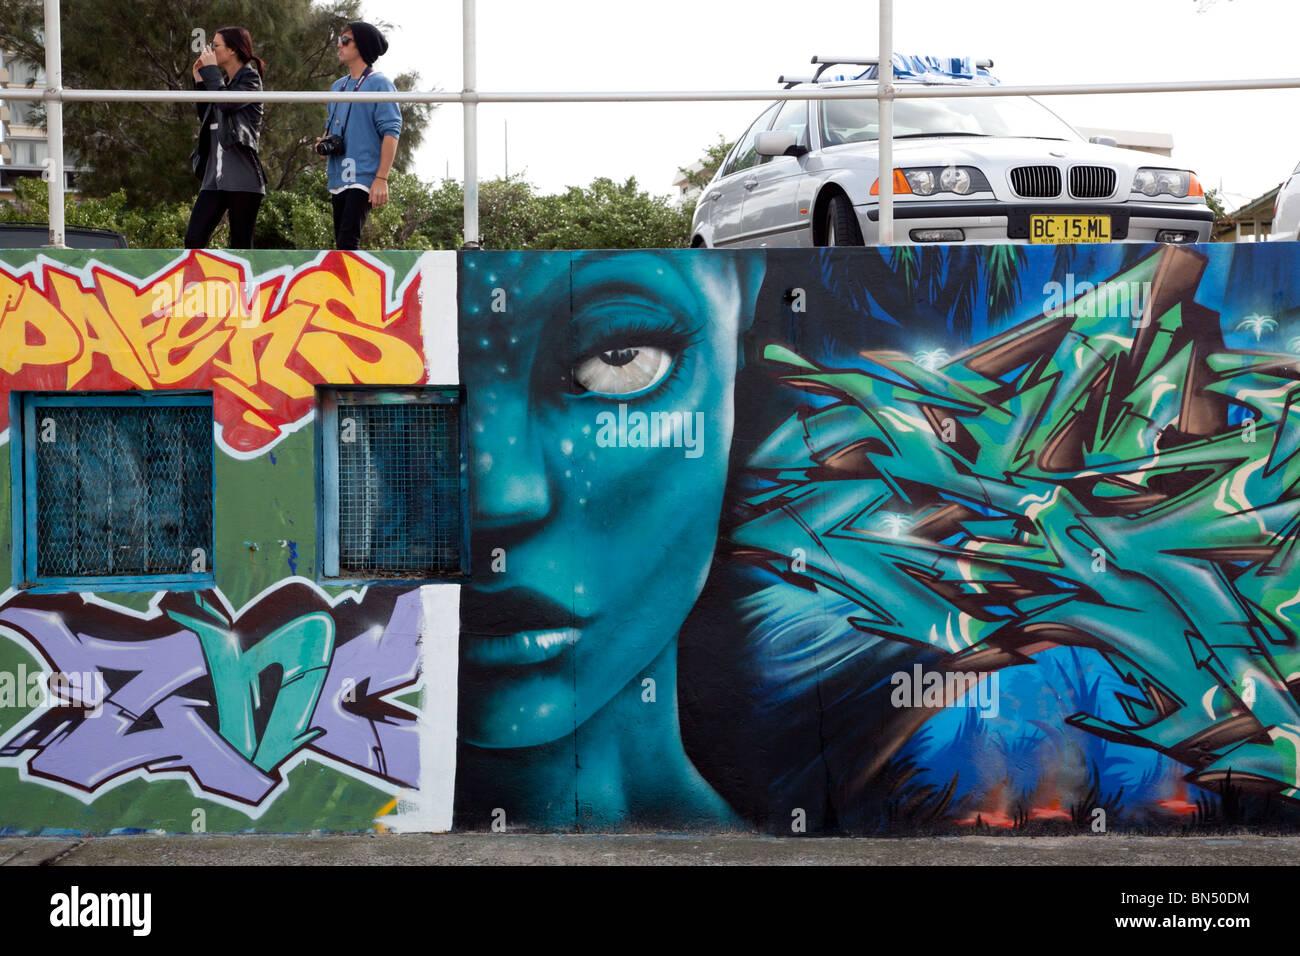 La spiaggia di Bondi Graffiti - Sydney Australia Immagini Stock